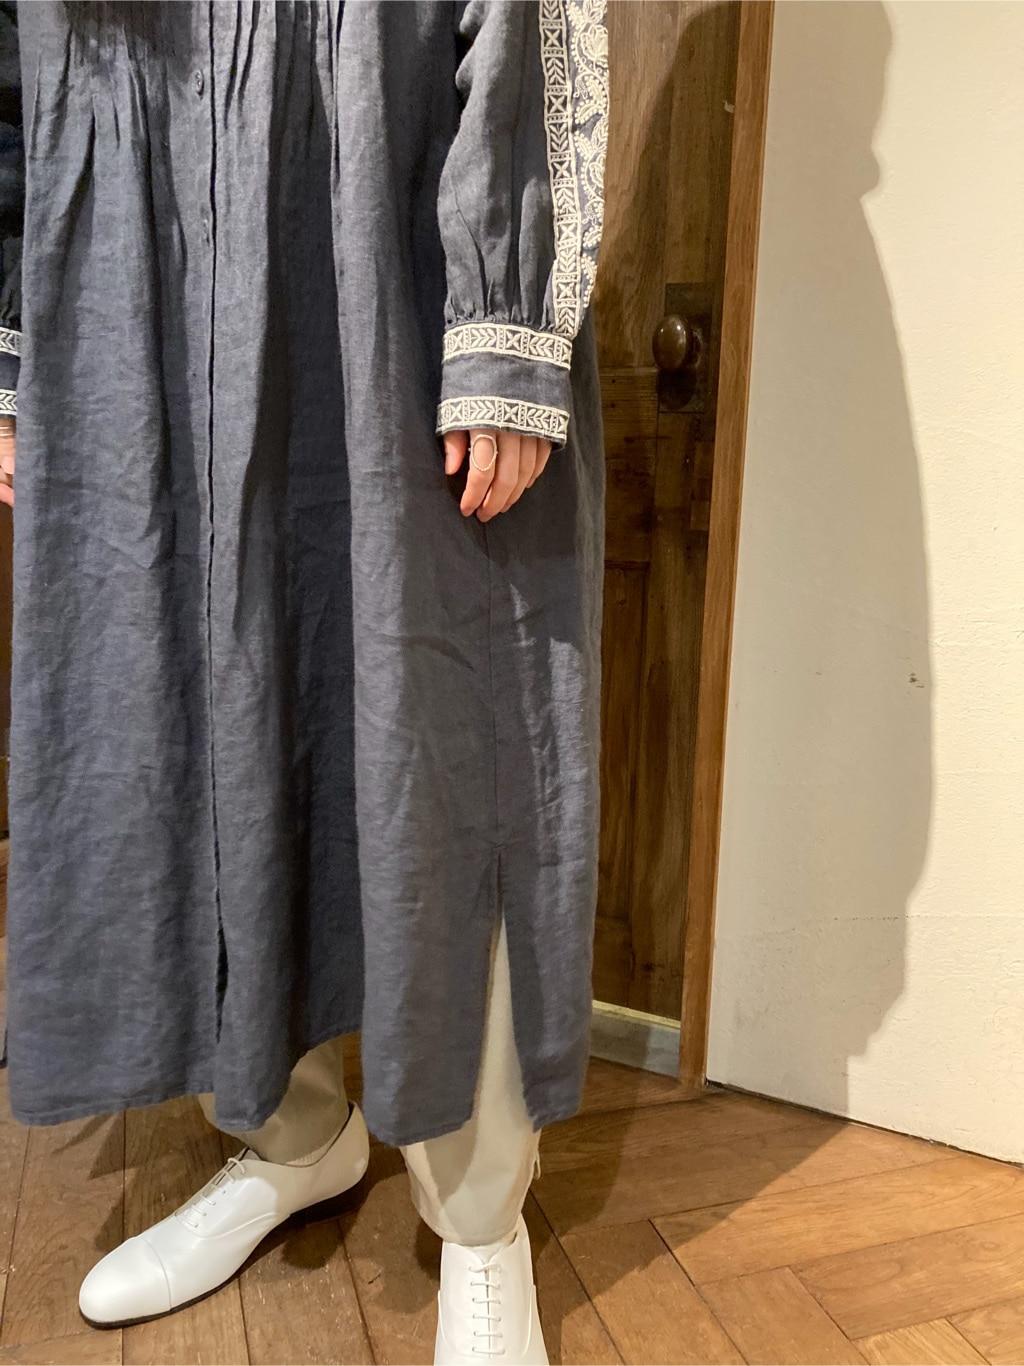 yuni 京都路面 身長:152cm 2021.01.29